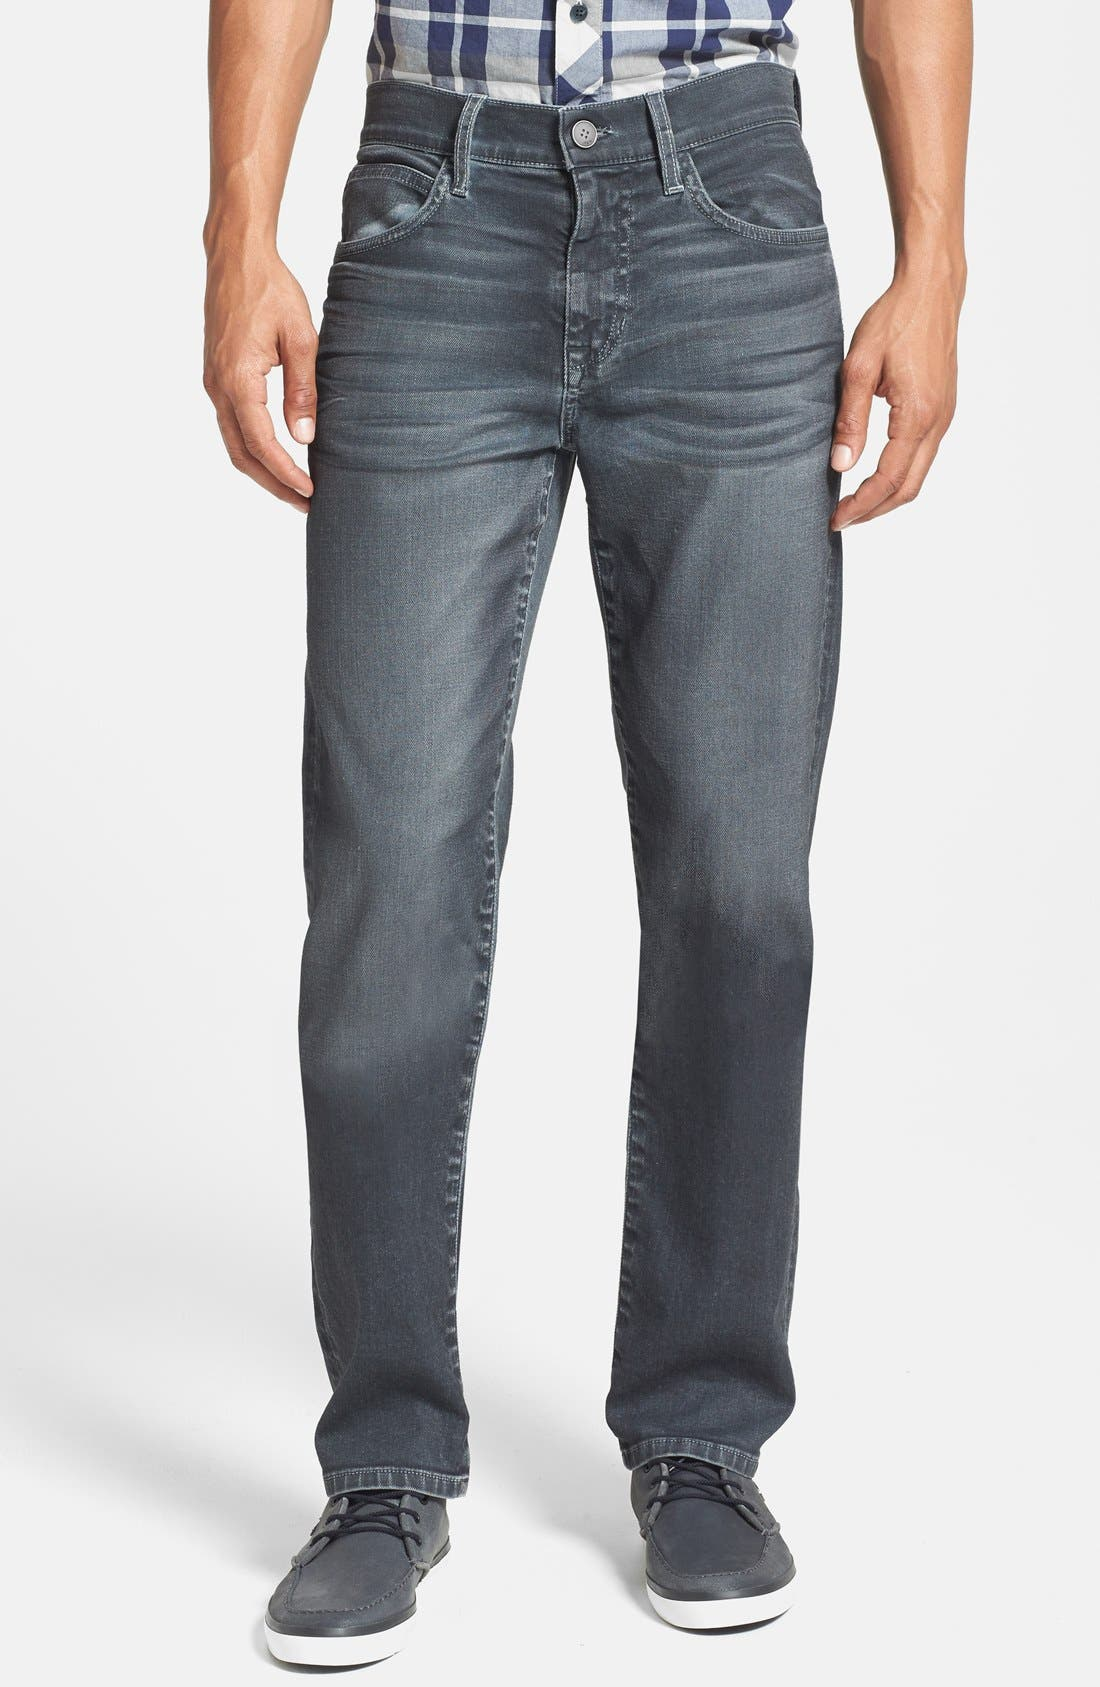 Alternate Image 1 Selected - Joe's 'Brixton' Slim Fit Jeans (Steel)